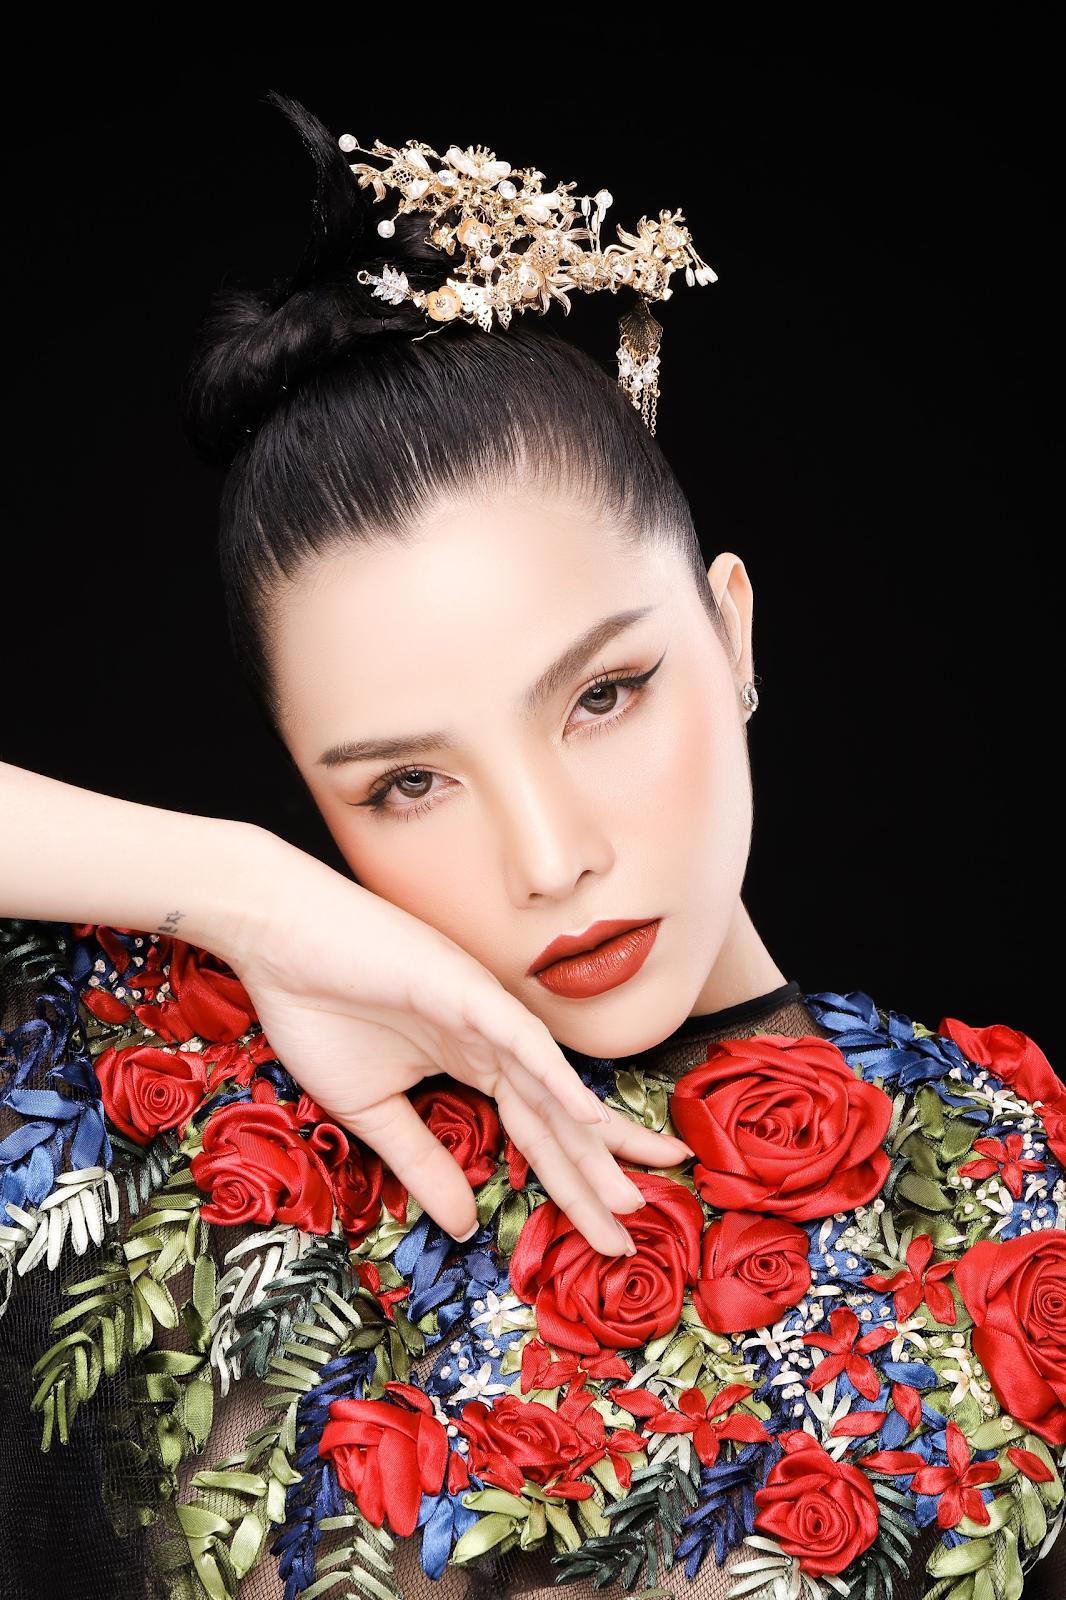 Hotgirl Phạm Ngọc Vi: Làm đẹp không khó quan trọng là chị em phụ nữ có muốn hay là không thôi - Ảnh 1